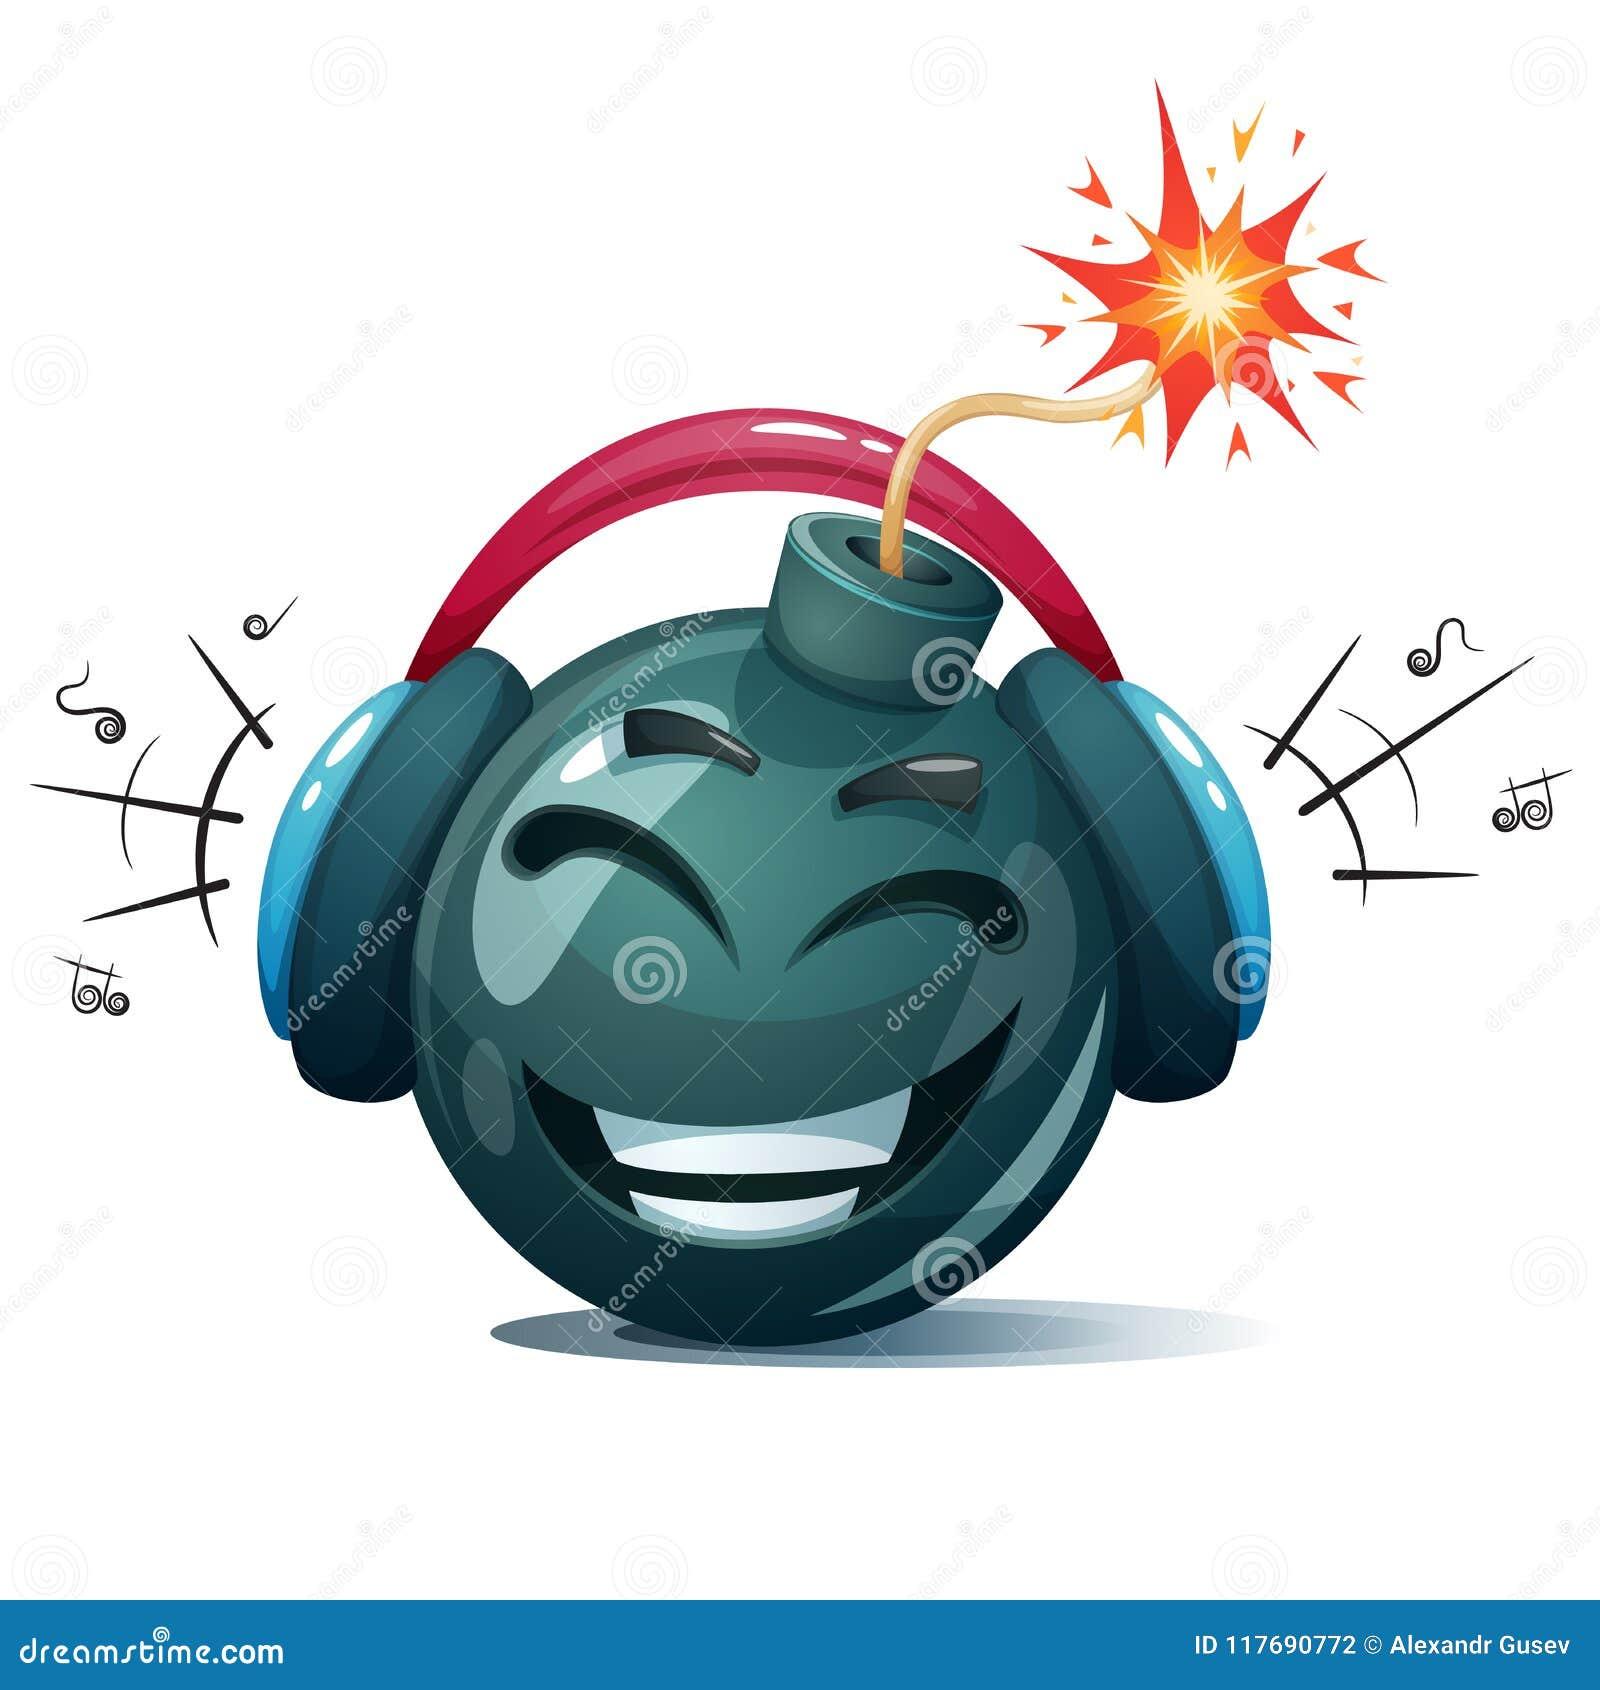 Bomba dos desenhos animados, fusível, feltro de lubrificação, ícone da faísca Smiley da música